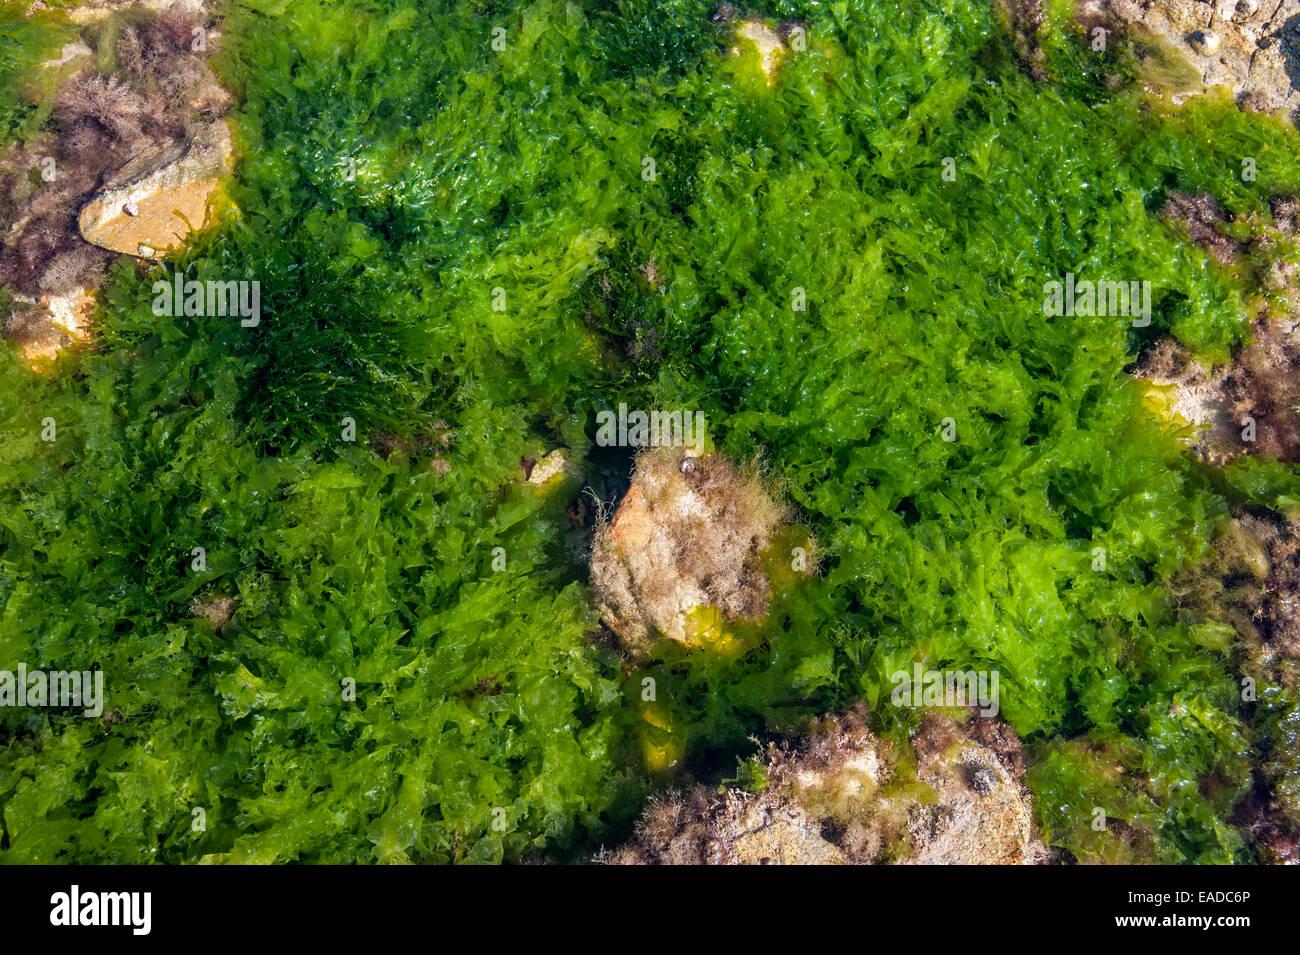 La lechuga de mar (Ulva lactuca) y gutweed / hierba (algas Enteromorpha intestinalis / Ulva intestinalis) alga verde en la roca descubierta Foto de stock